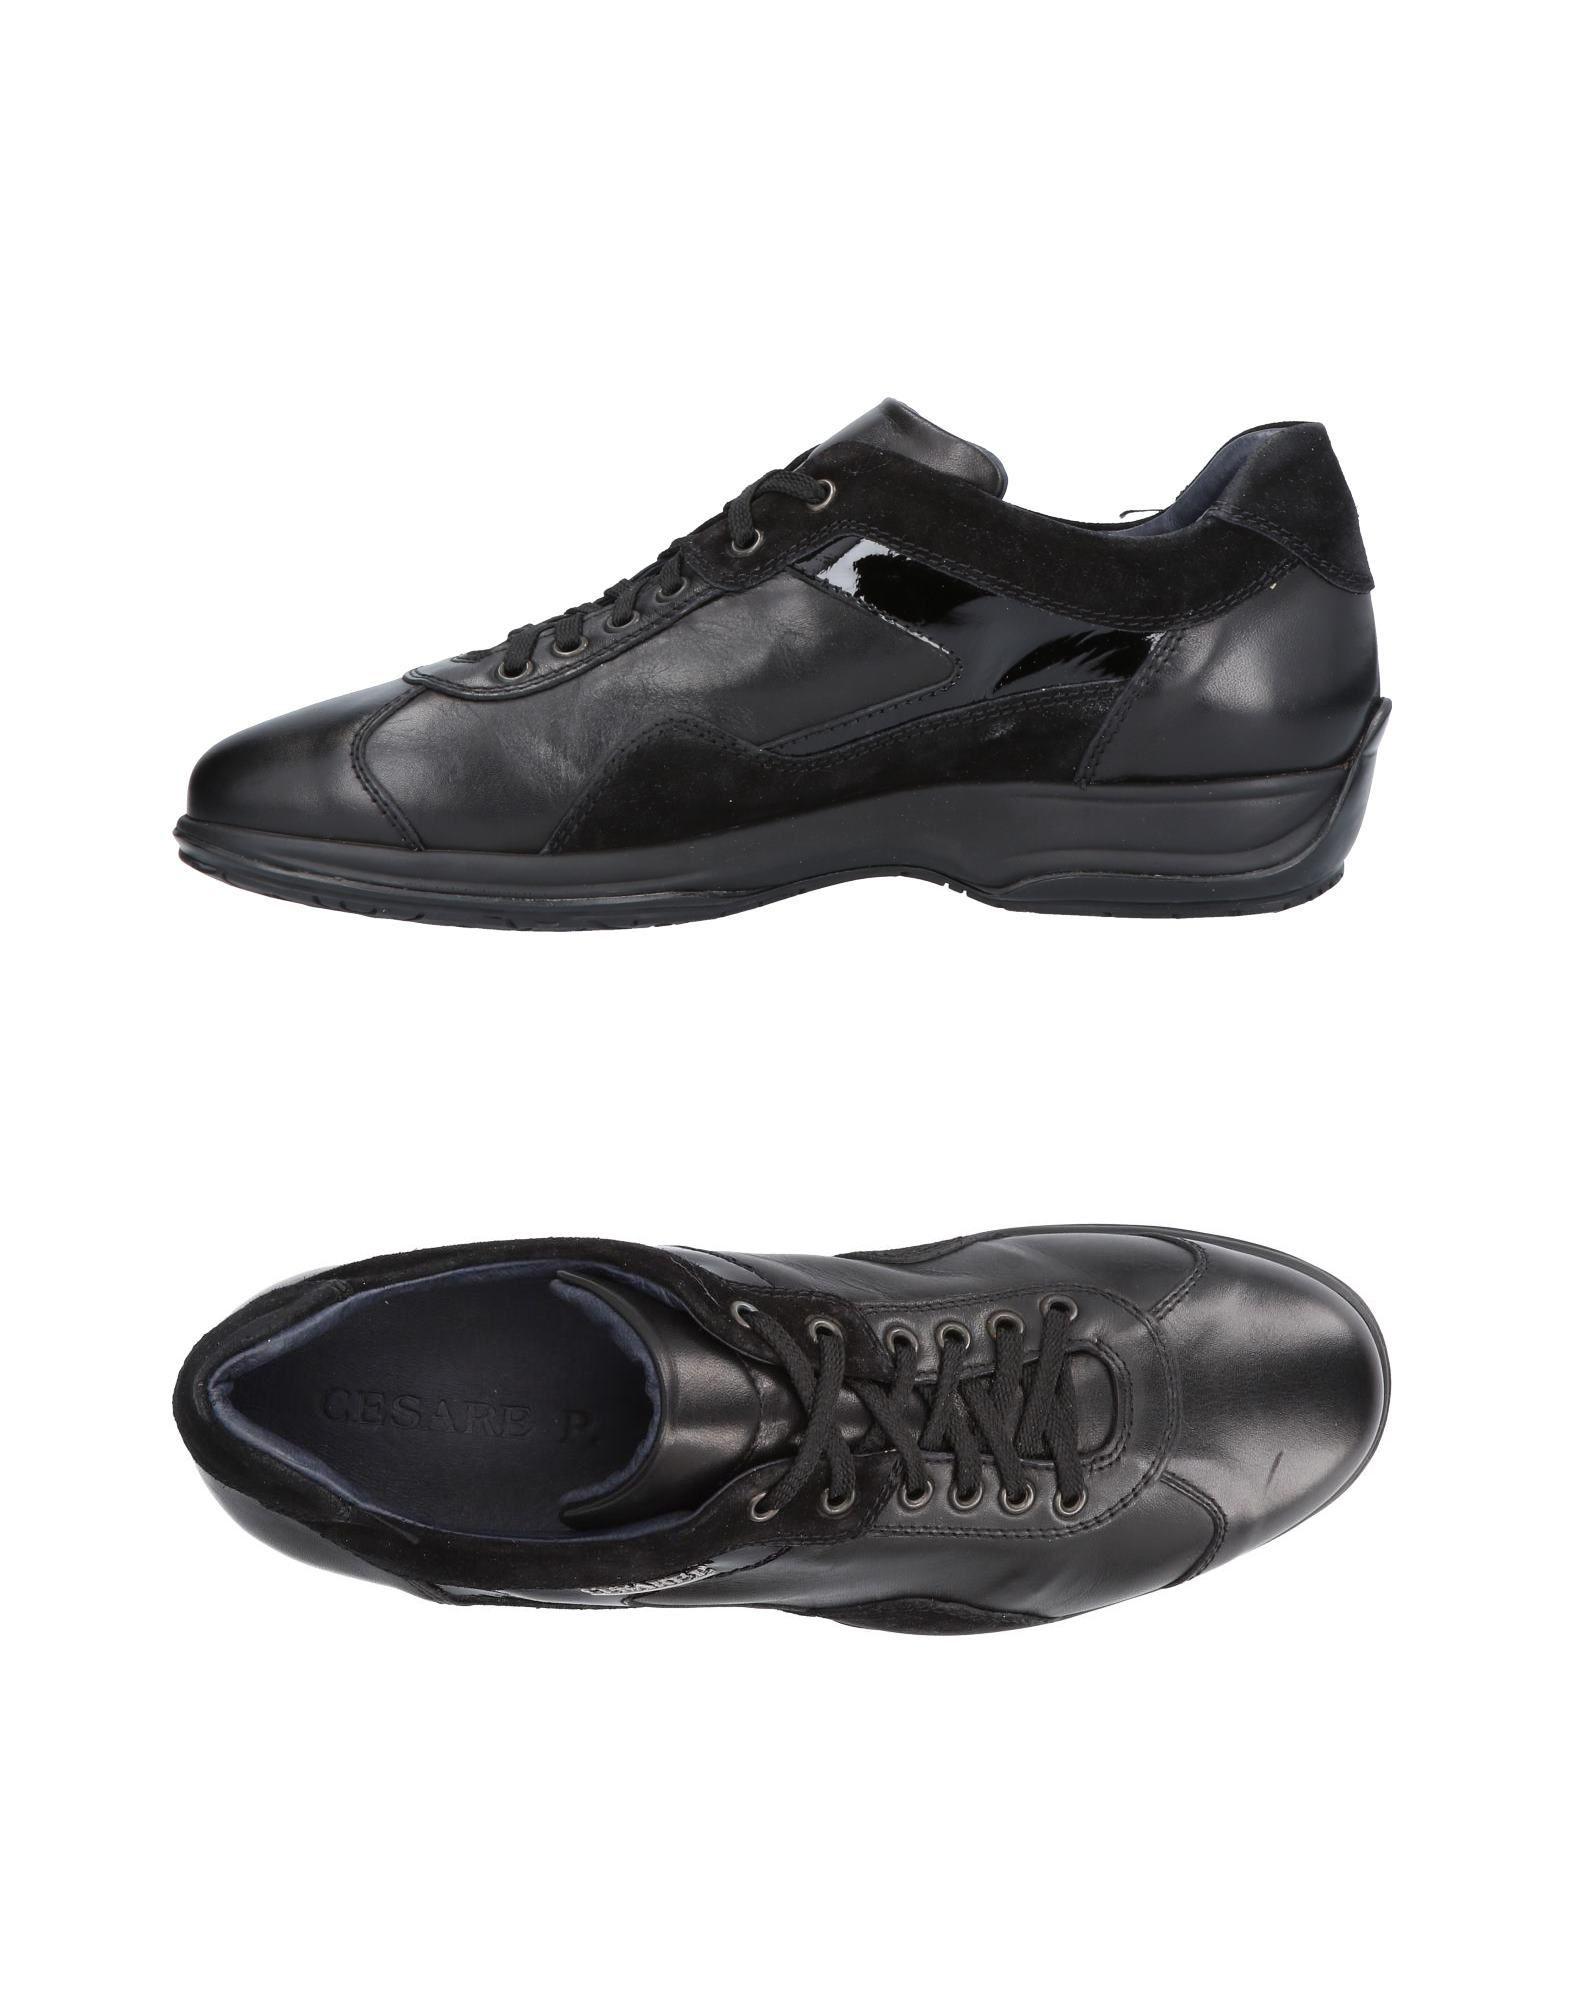 Cesare P. Sneakers Herren Gutes Gutes Herren Preis-Leistungs-Verhältnis, es lohnt sich a18429